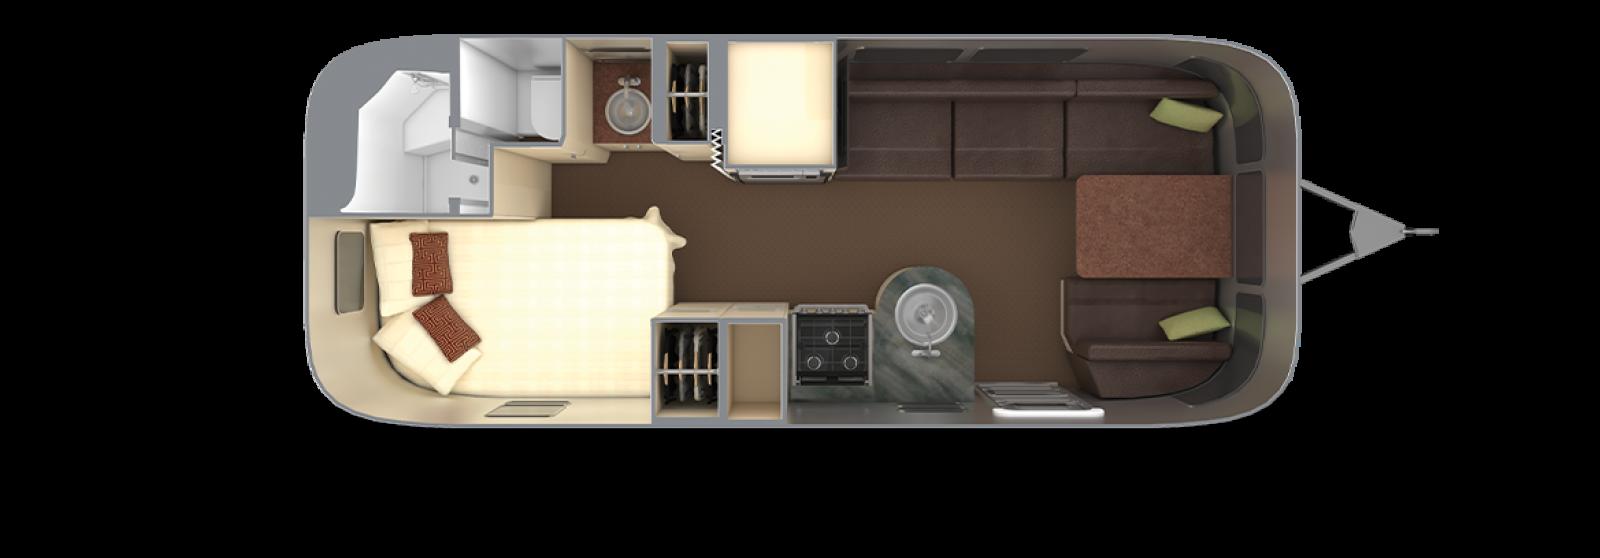 Serenity 23CB with Espresso Interior Decor